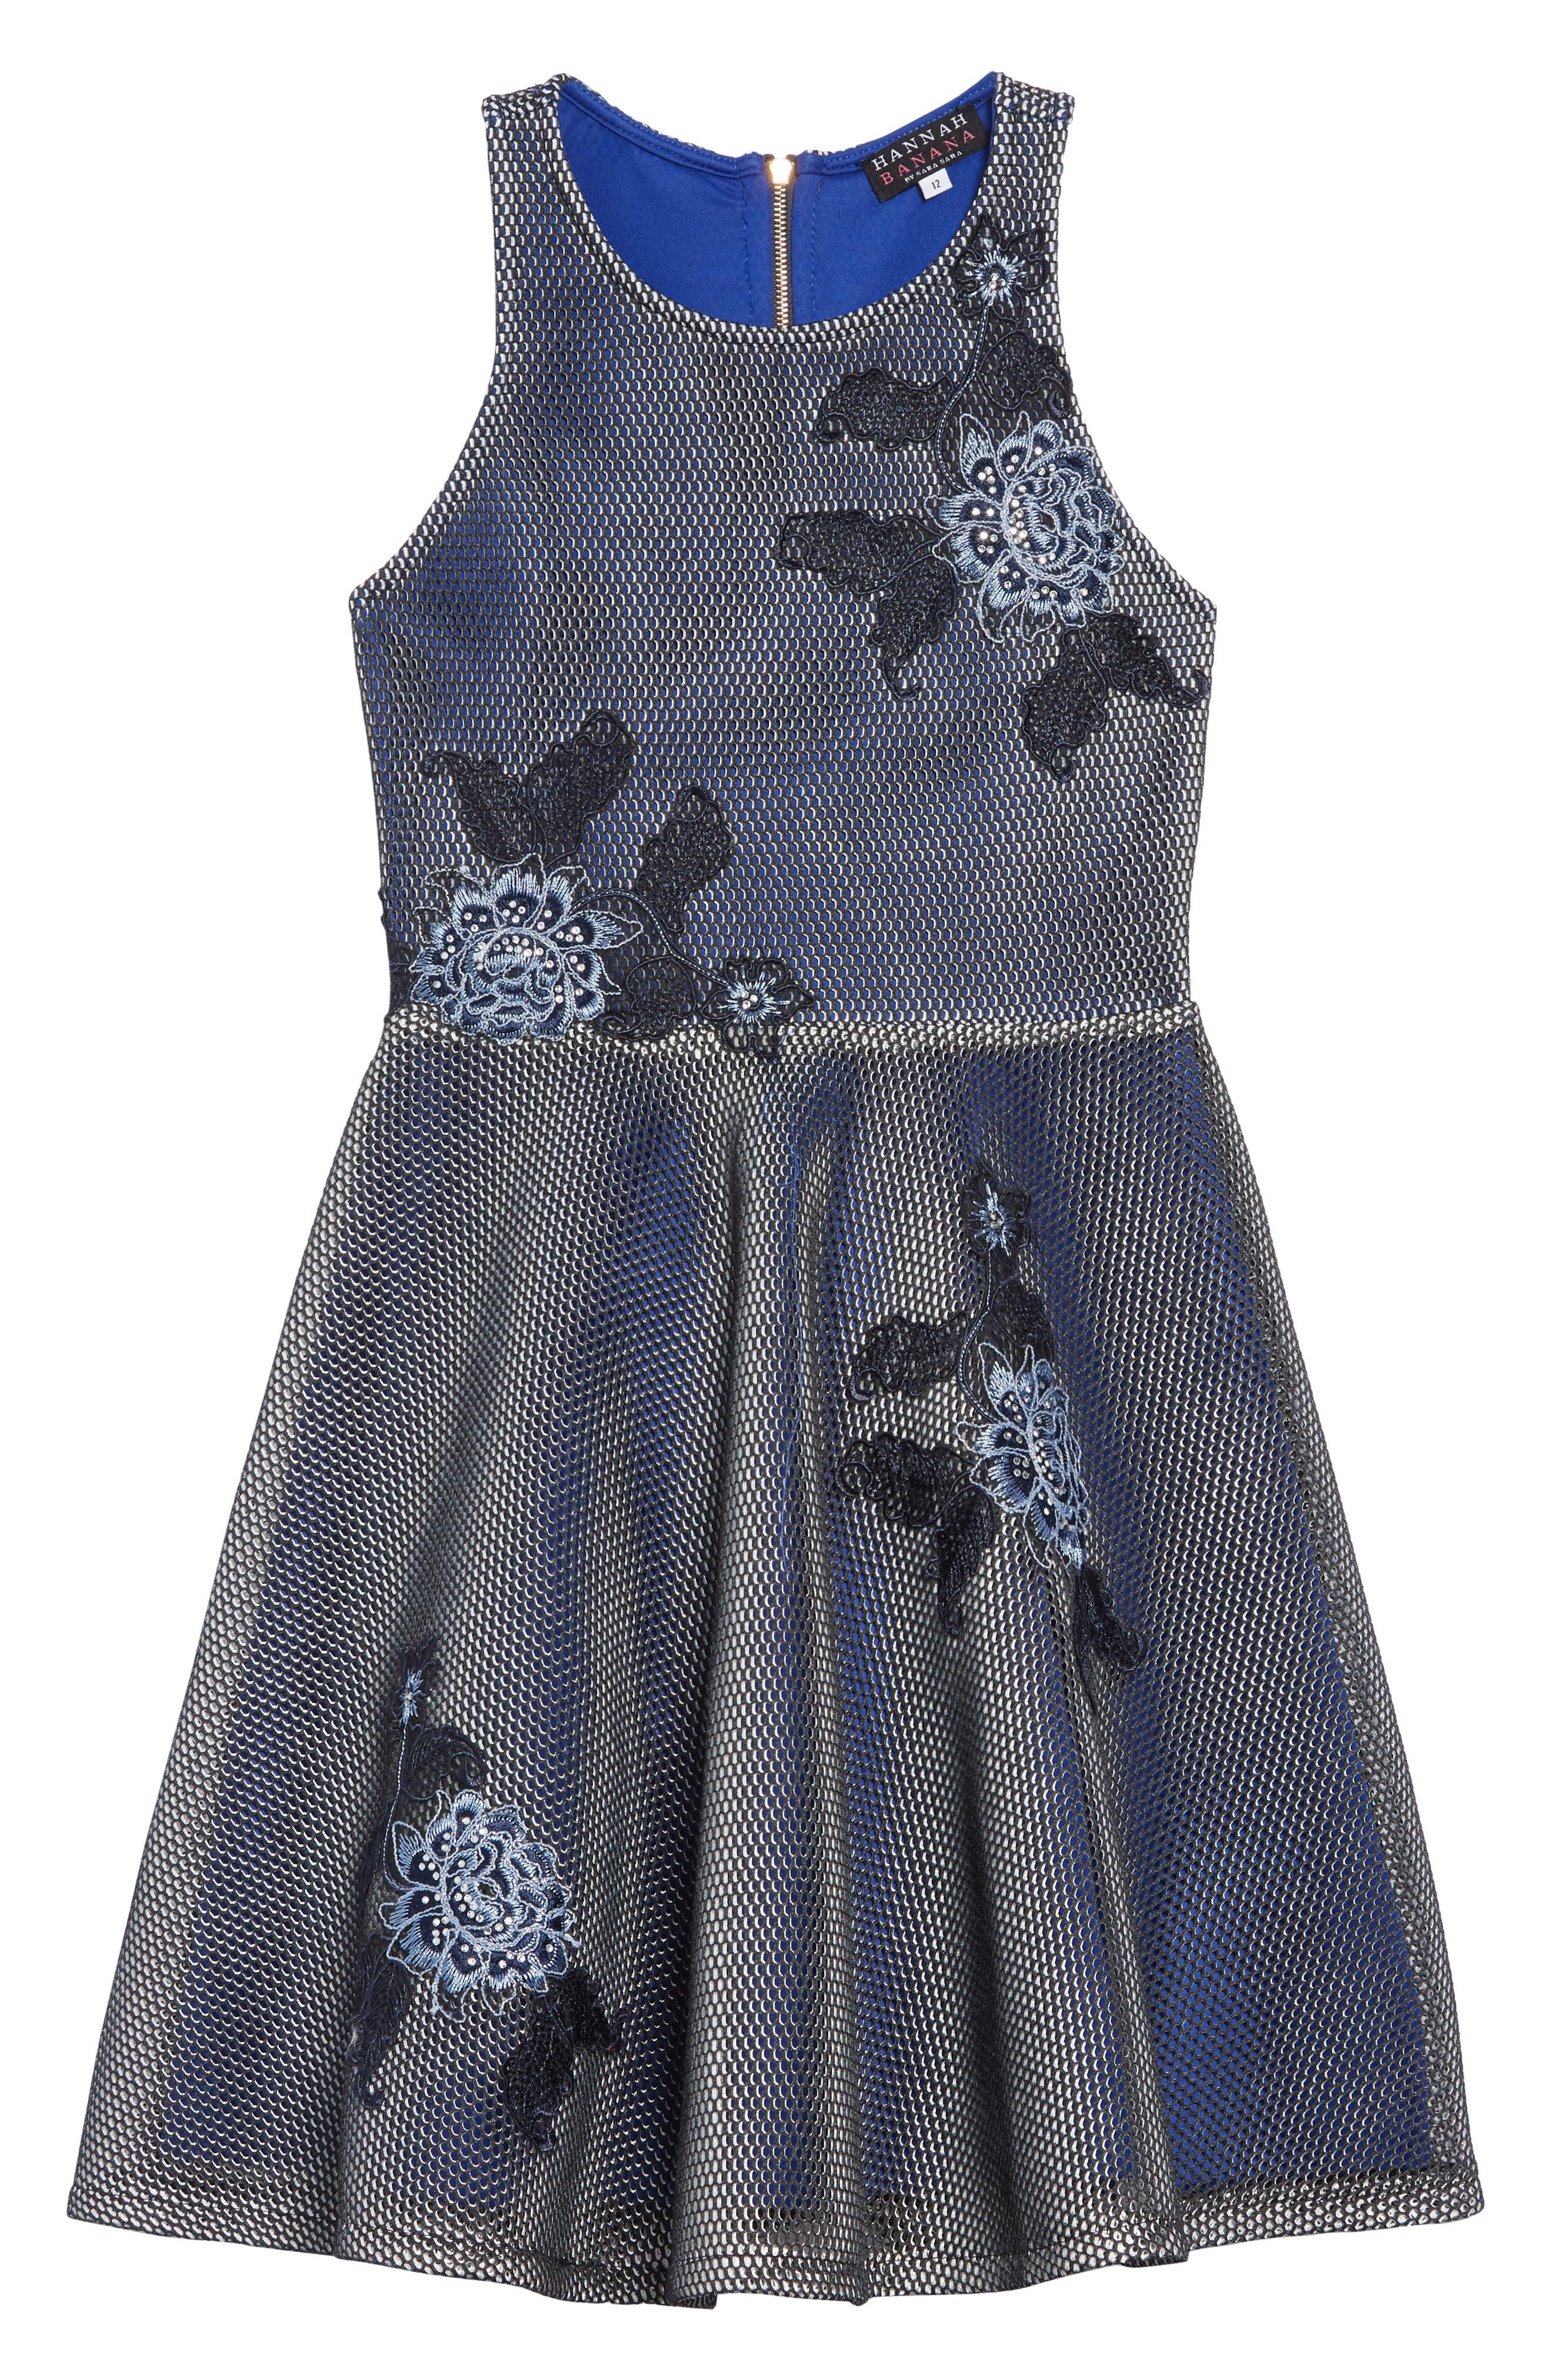 Black Little Girls Dresses